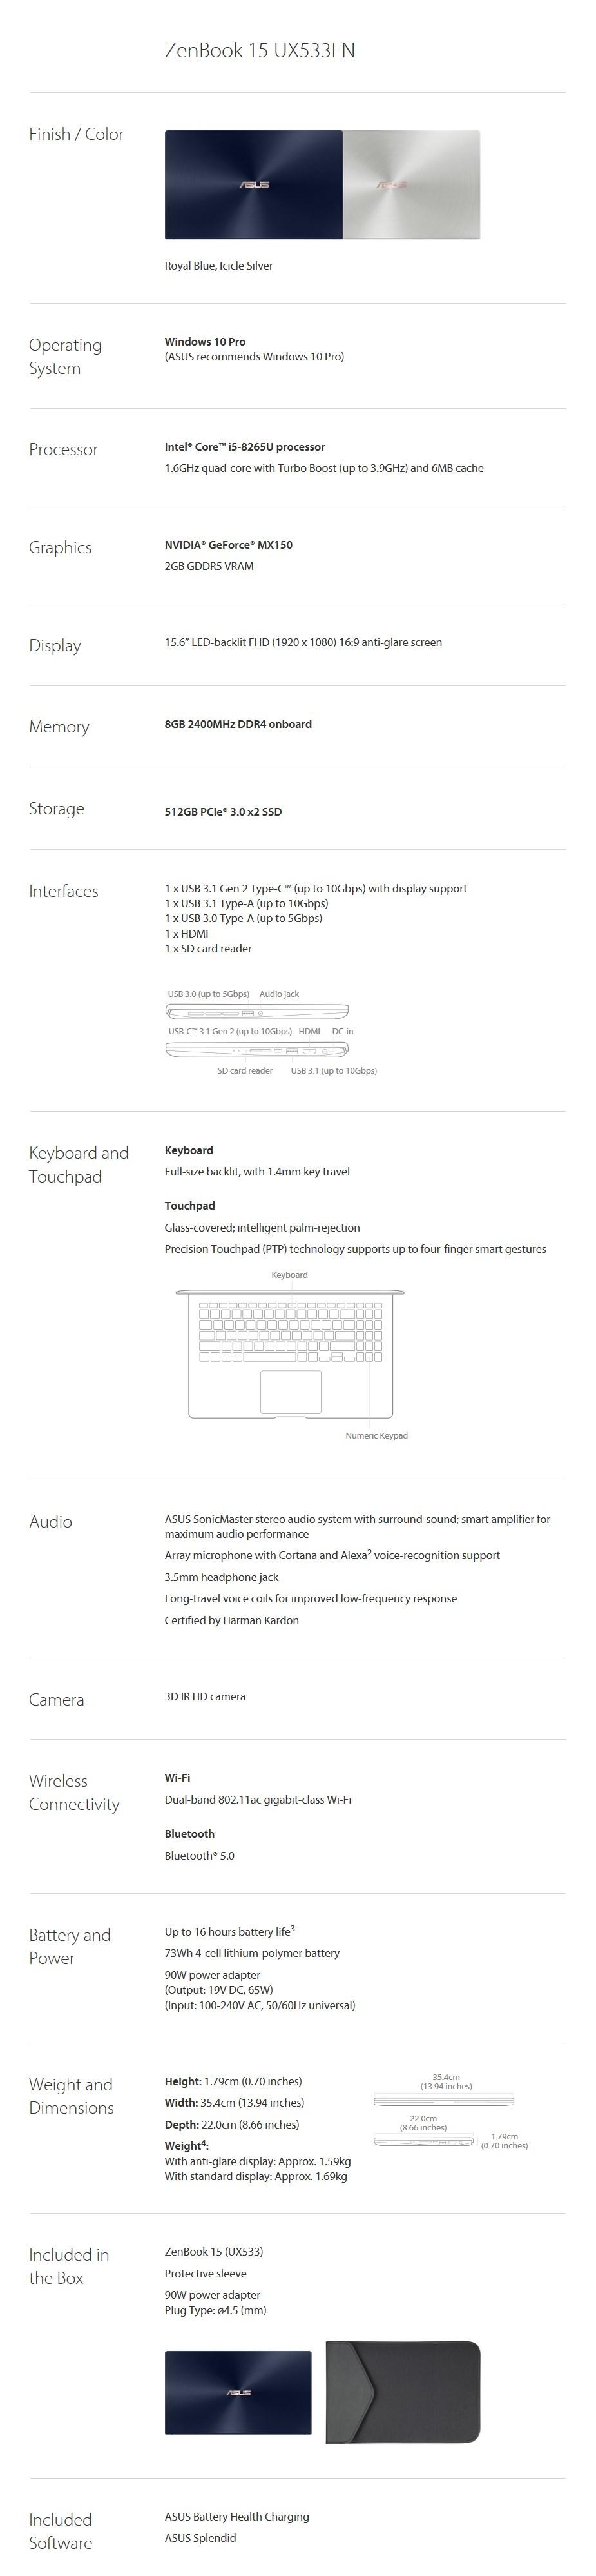 """ASUS ZenBook 15 UX533FN 15.6"""" Notebook i5-8265U 8GB 512GB MX150 Win10 Pro - Desktop Overview 2"""